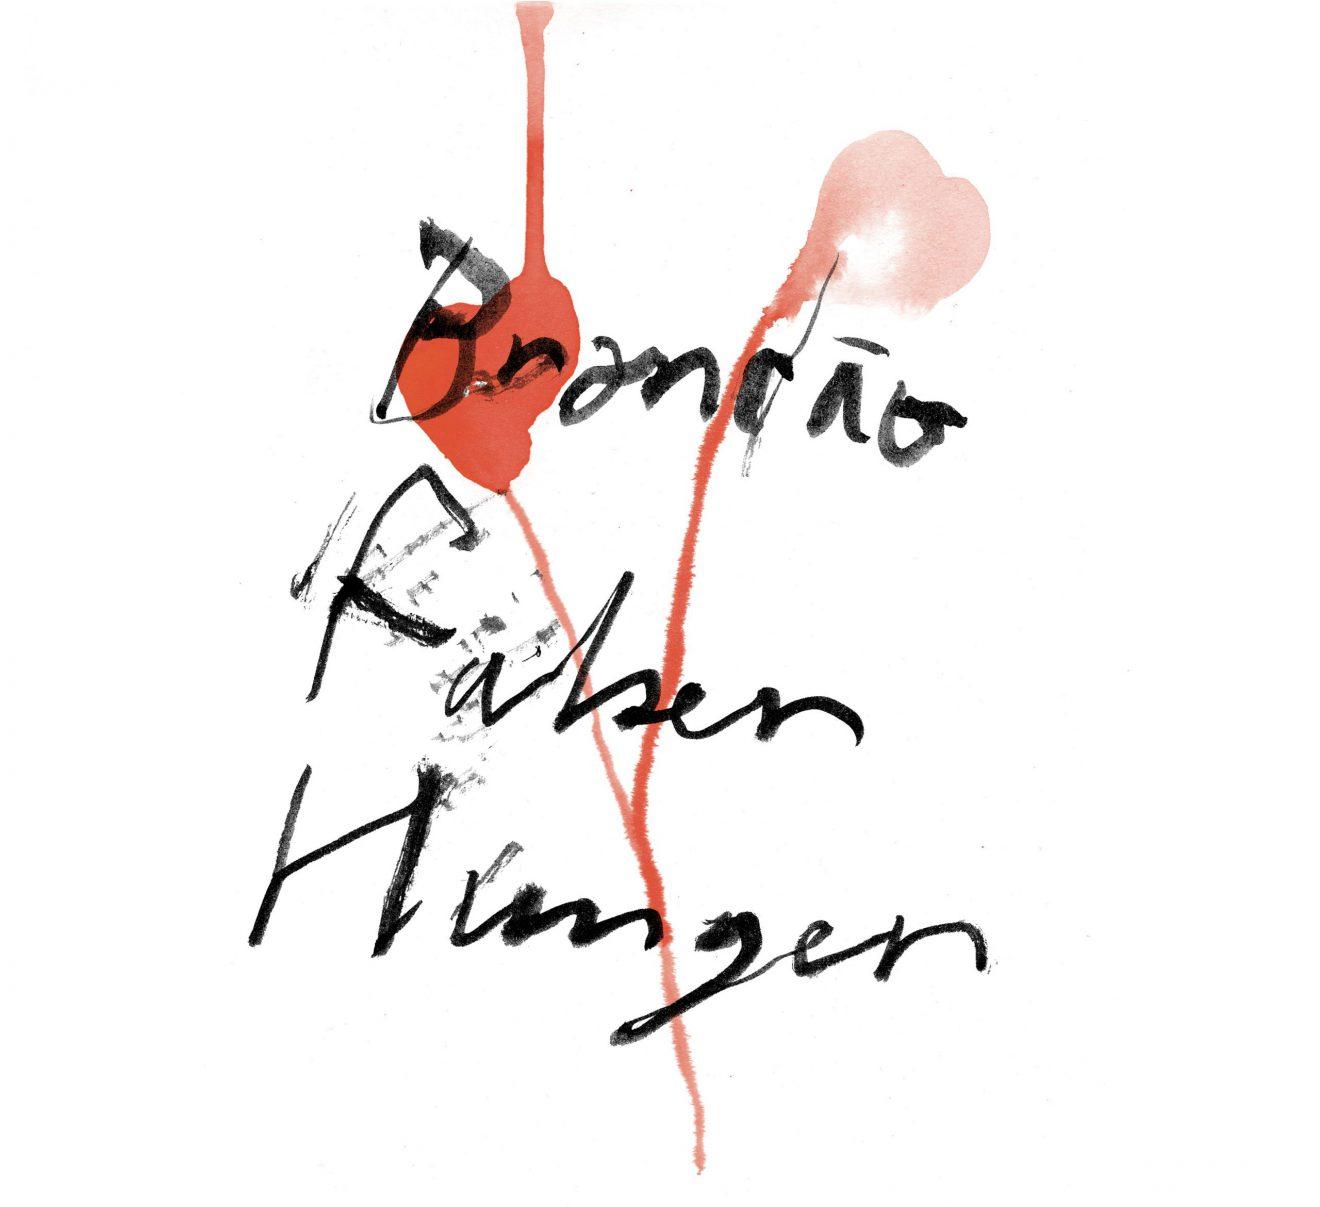 Brandao, Faber, Hunger — Ich Liebe Dich